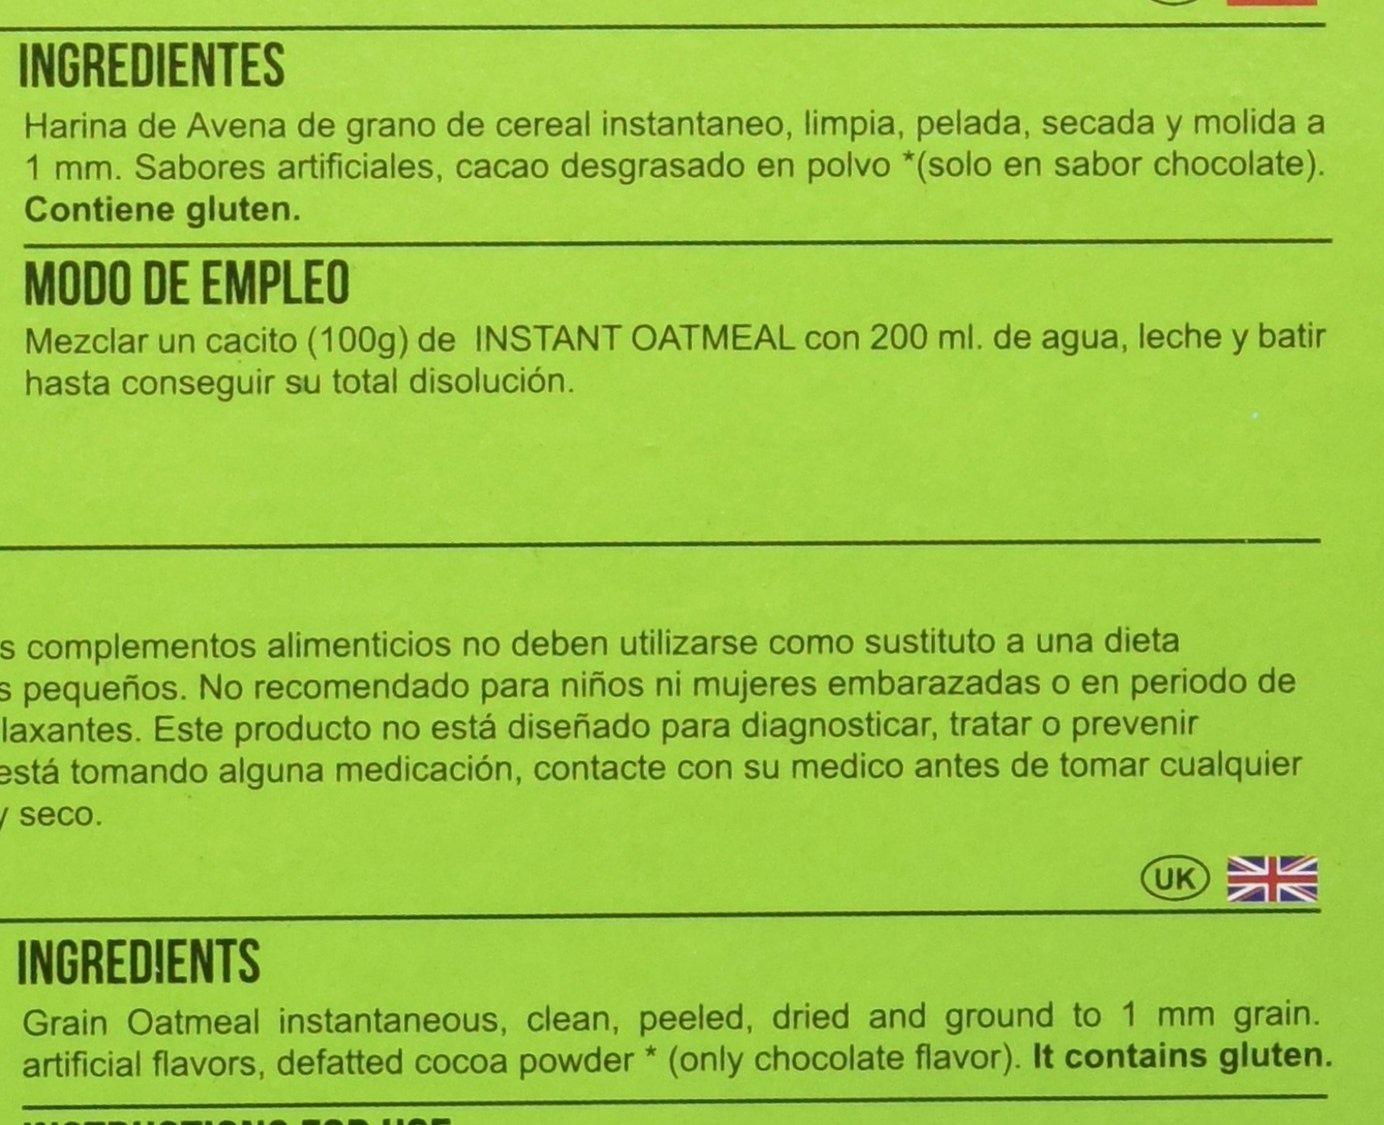 Big Man Nutrition Instant Oatmeal Suplemento de Carbohidratos Cinnamon Vanilla - 3000 gr: Amazon.es: Salud y cuidado personal